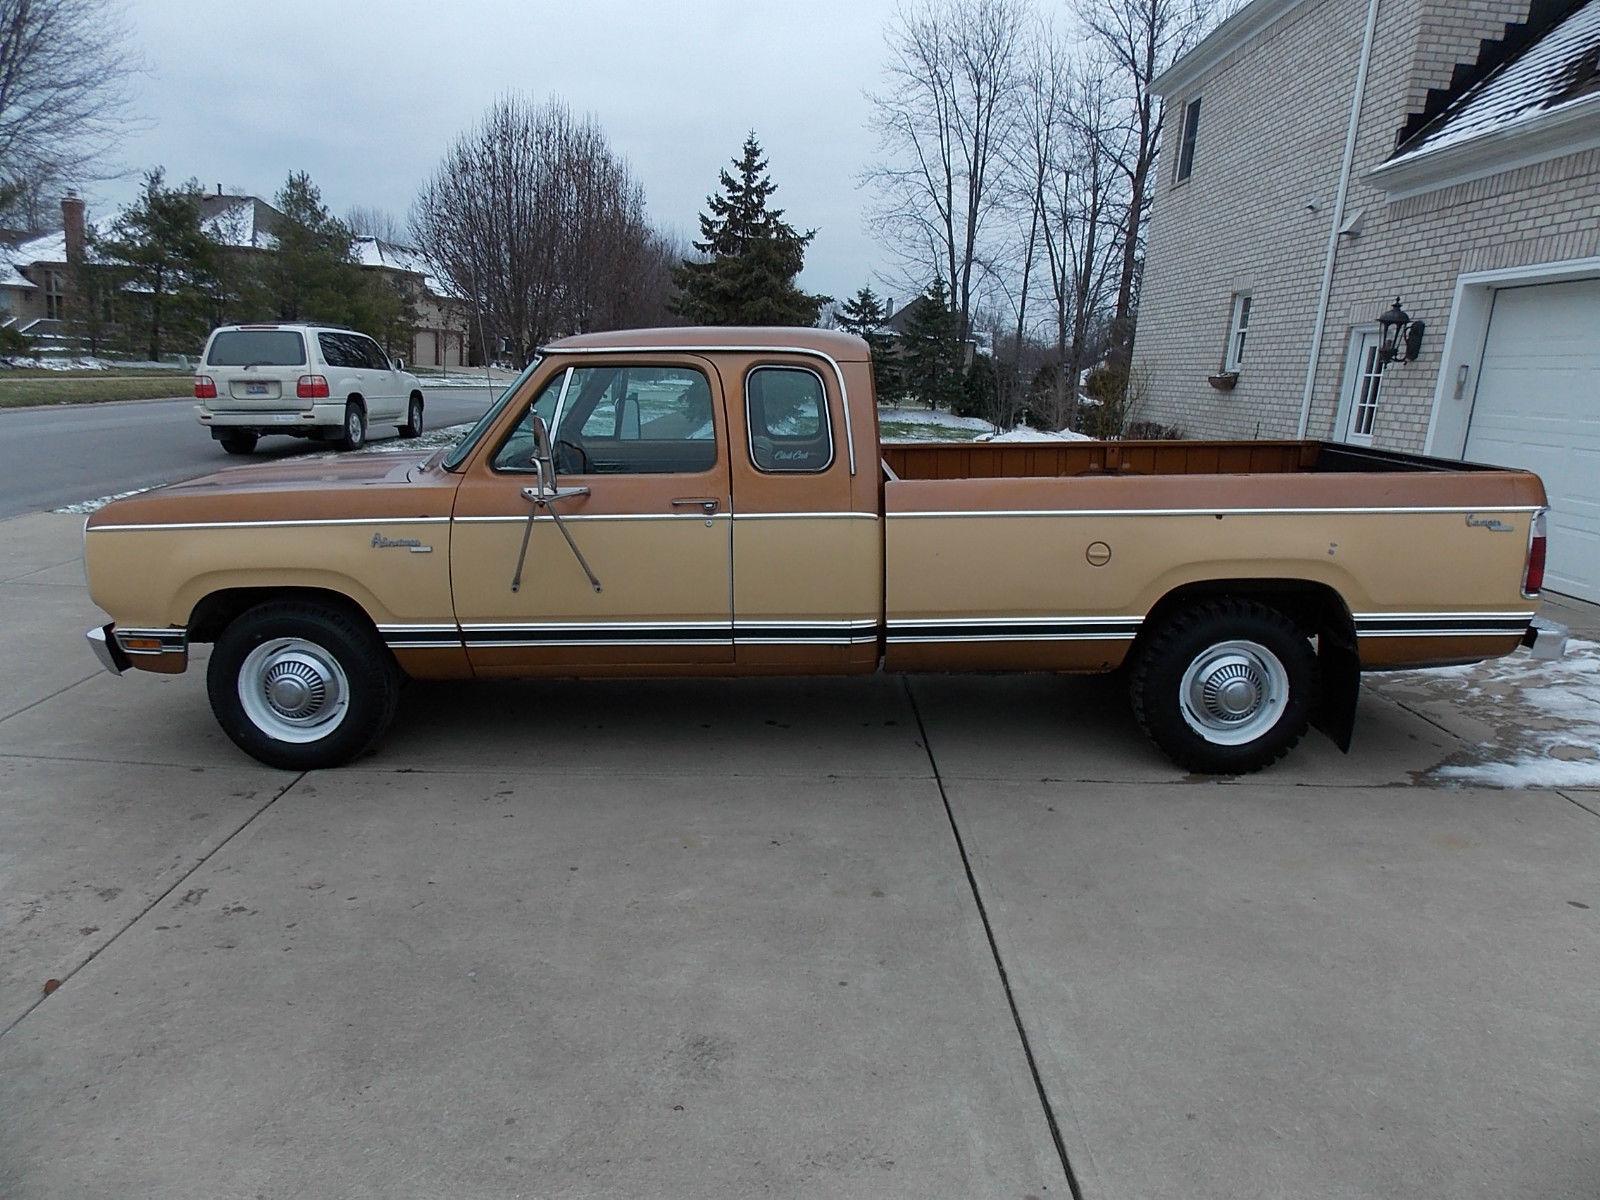 1977 dodge d200 adventurer club cab pick up truck. Black Bedroom Furniture Sets. Home Design Ideas